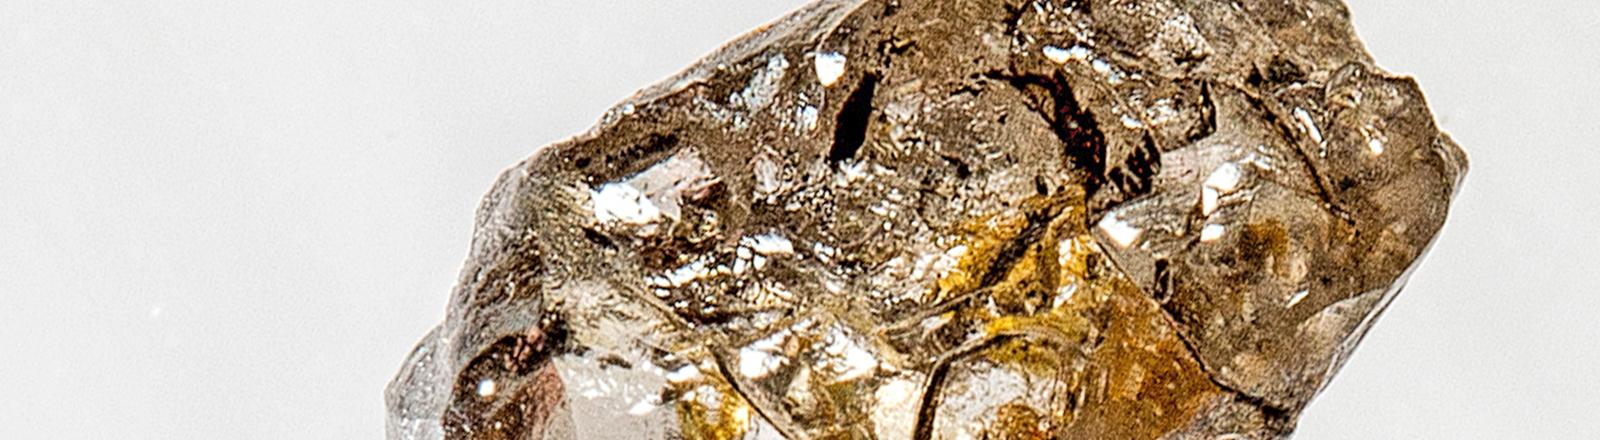 Ein braun-gelber Diamant. Bild: dpa